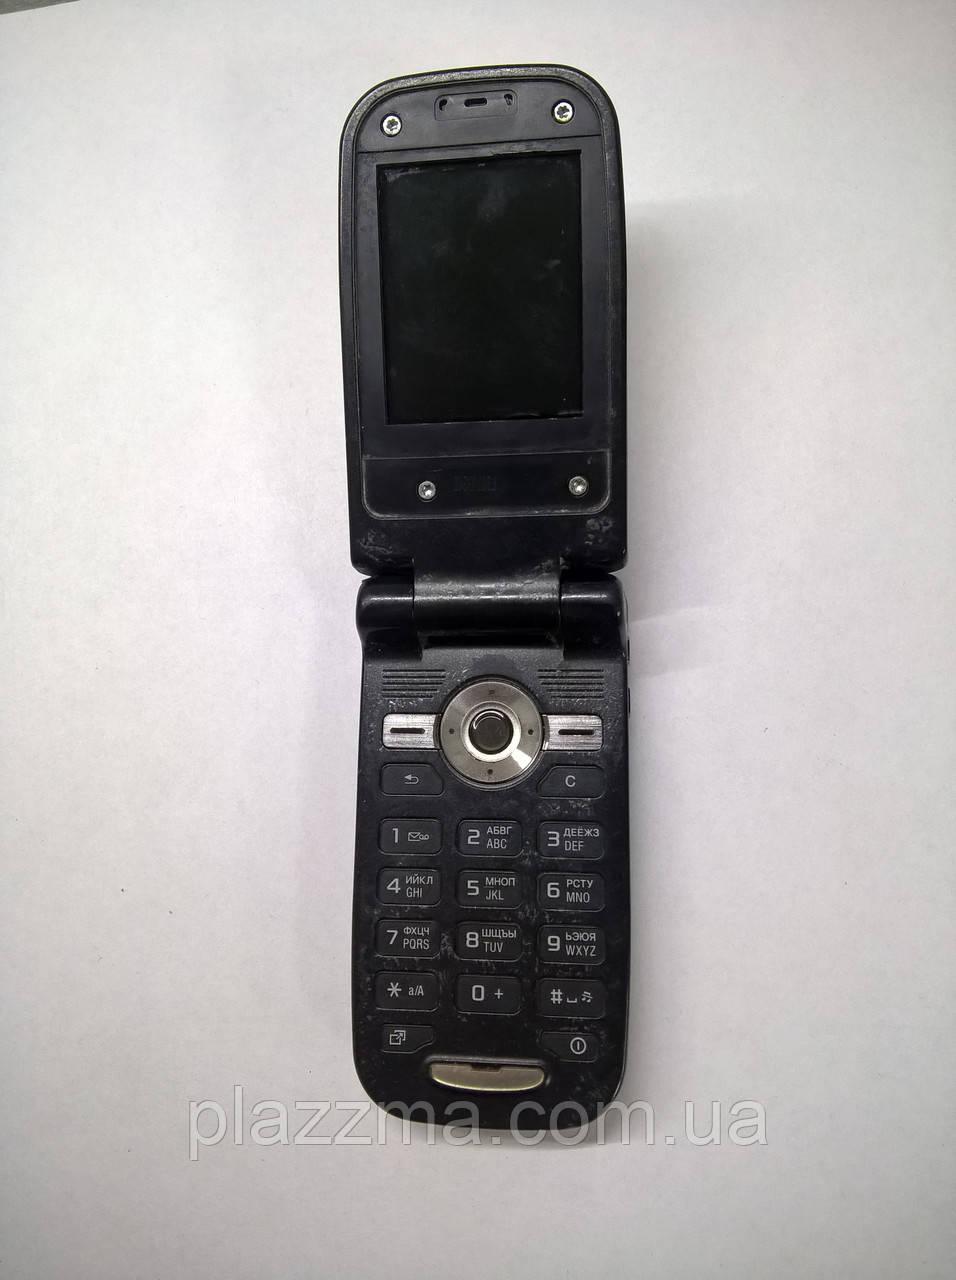 Телефон Sone Ericsson z550i Разборка